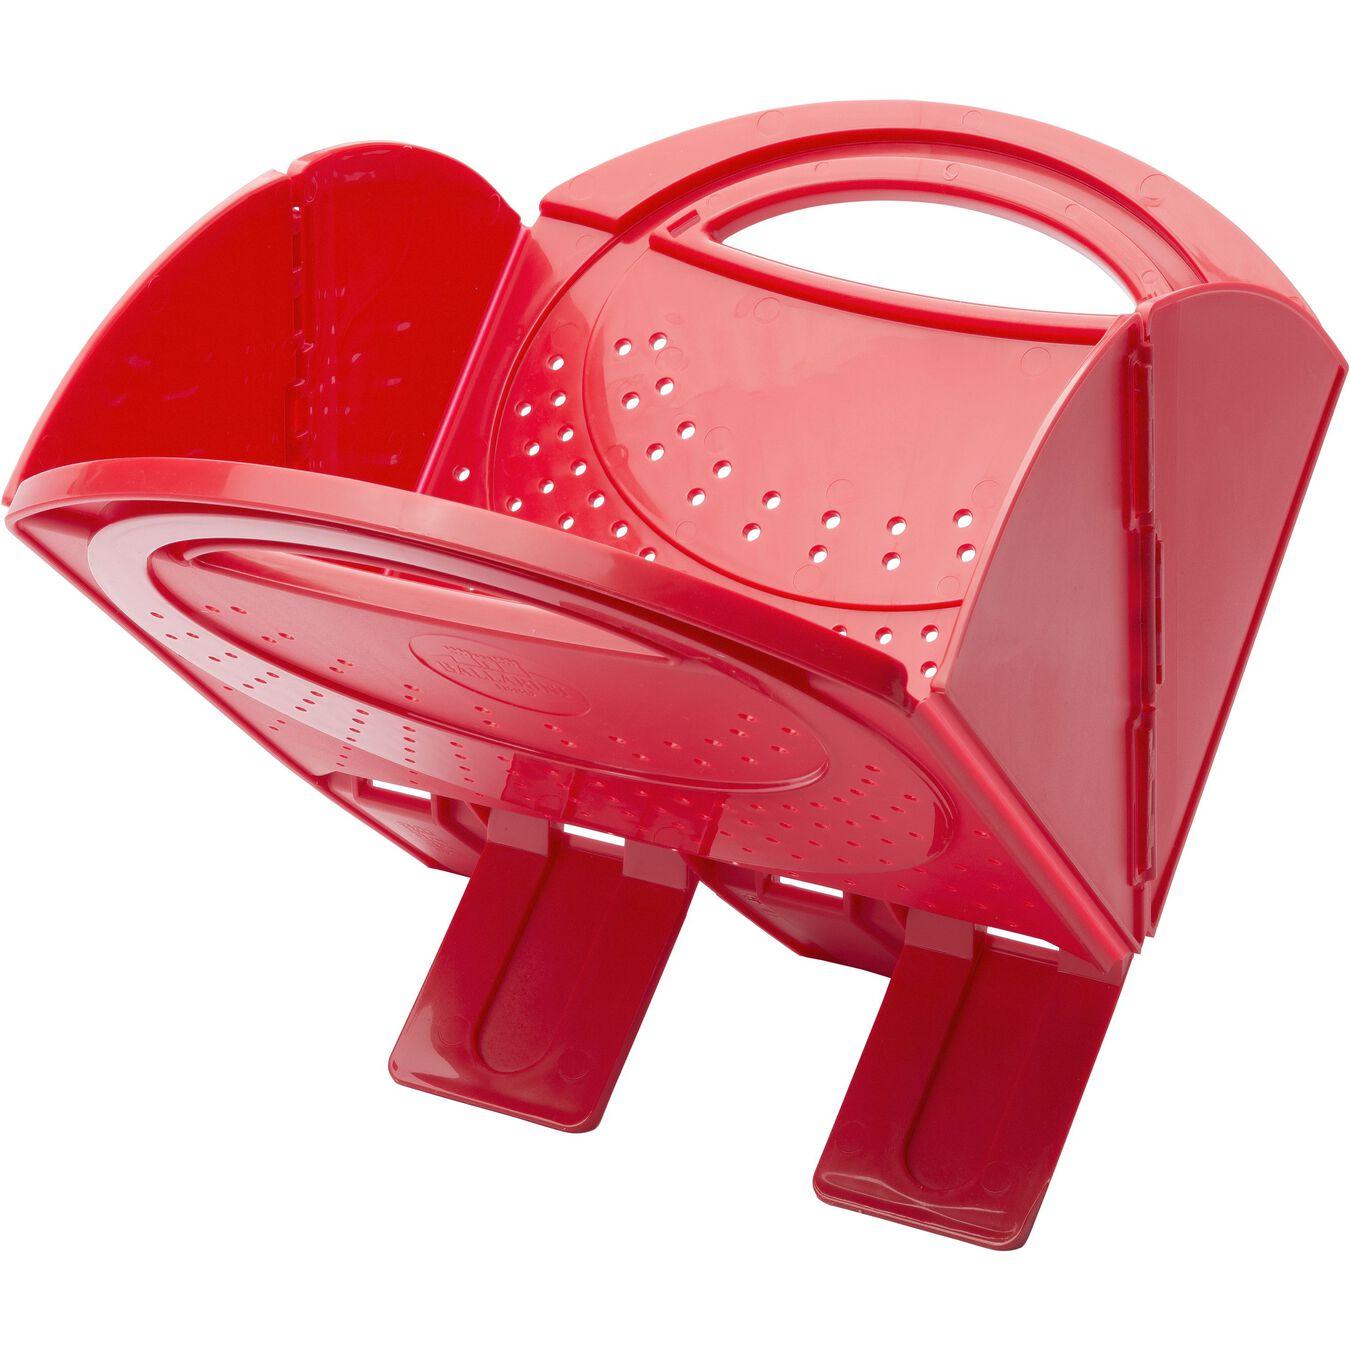 0,5 cm Plastic Colander,,large 1